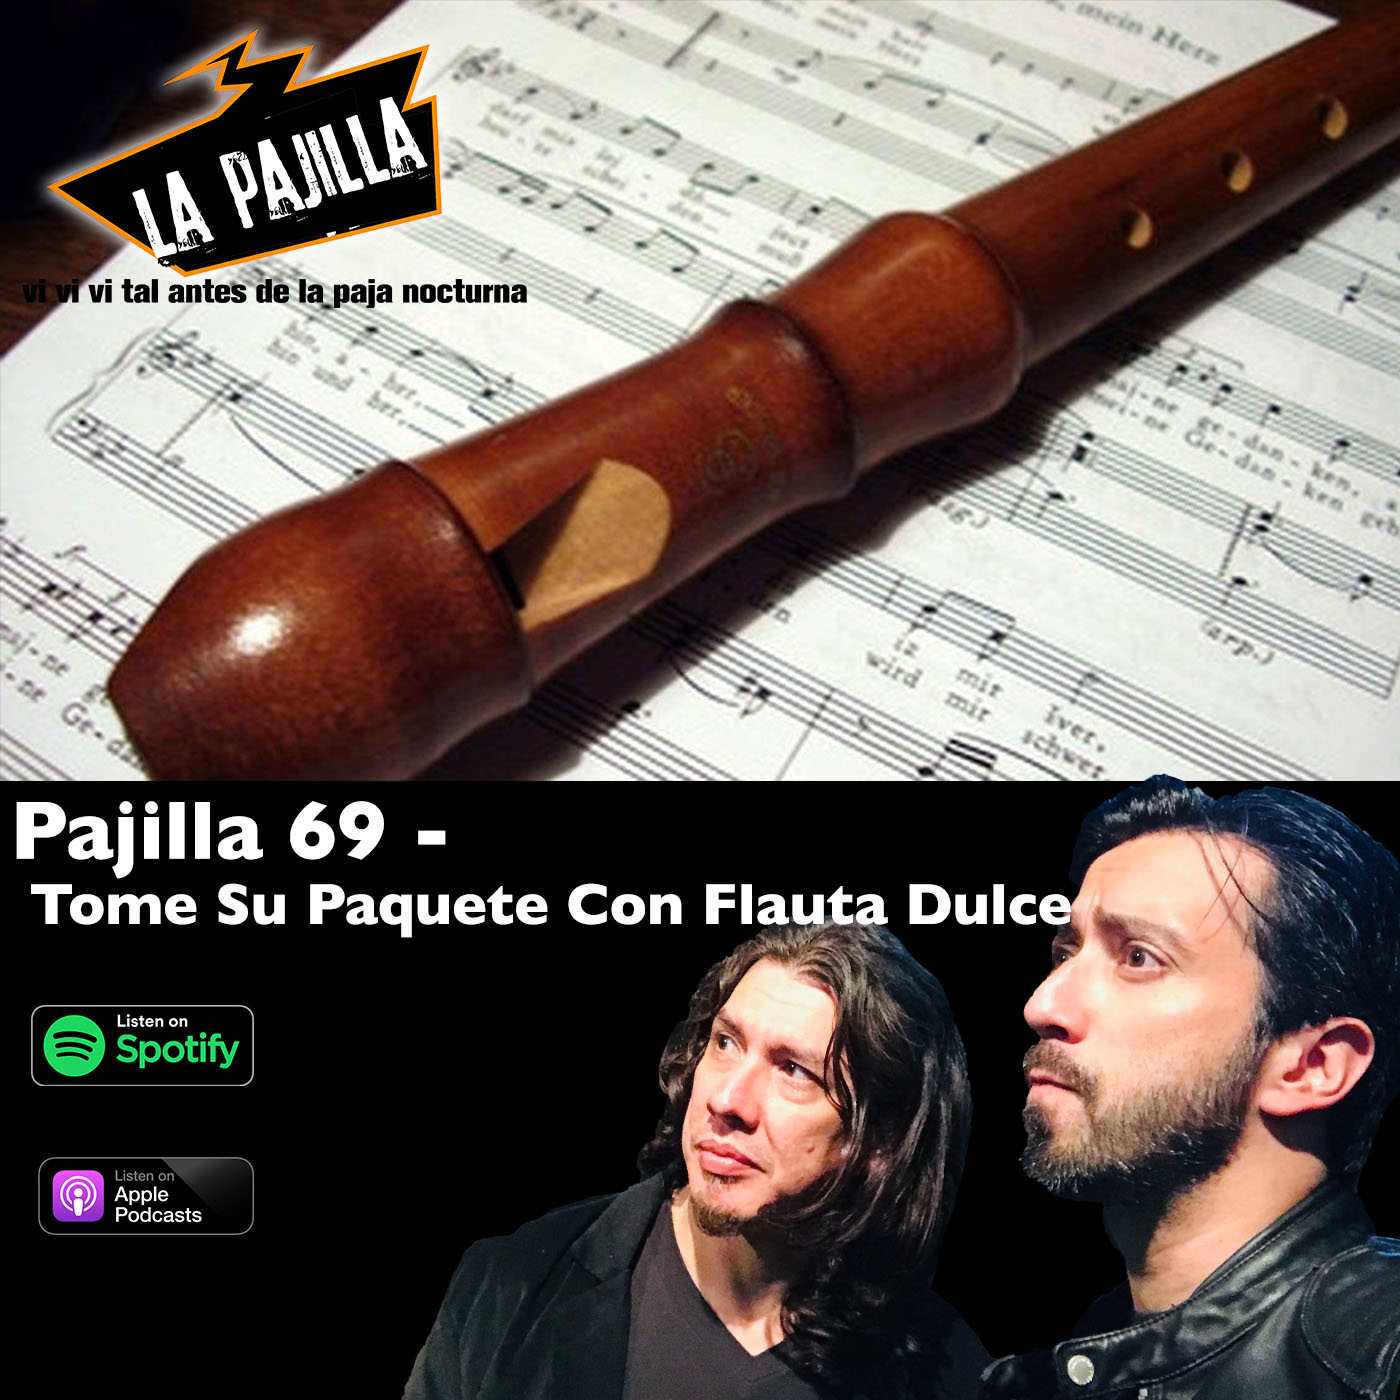 La Paja Nocturna Podcast CR Pajilla 69